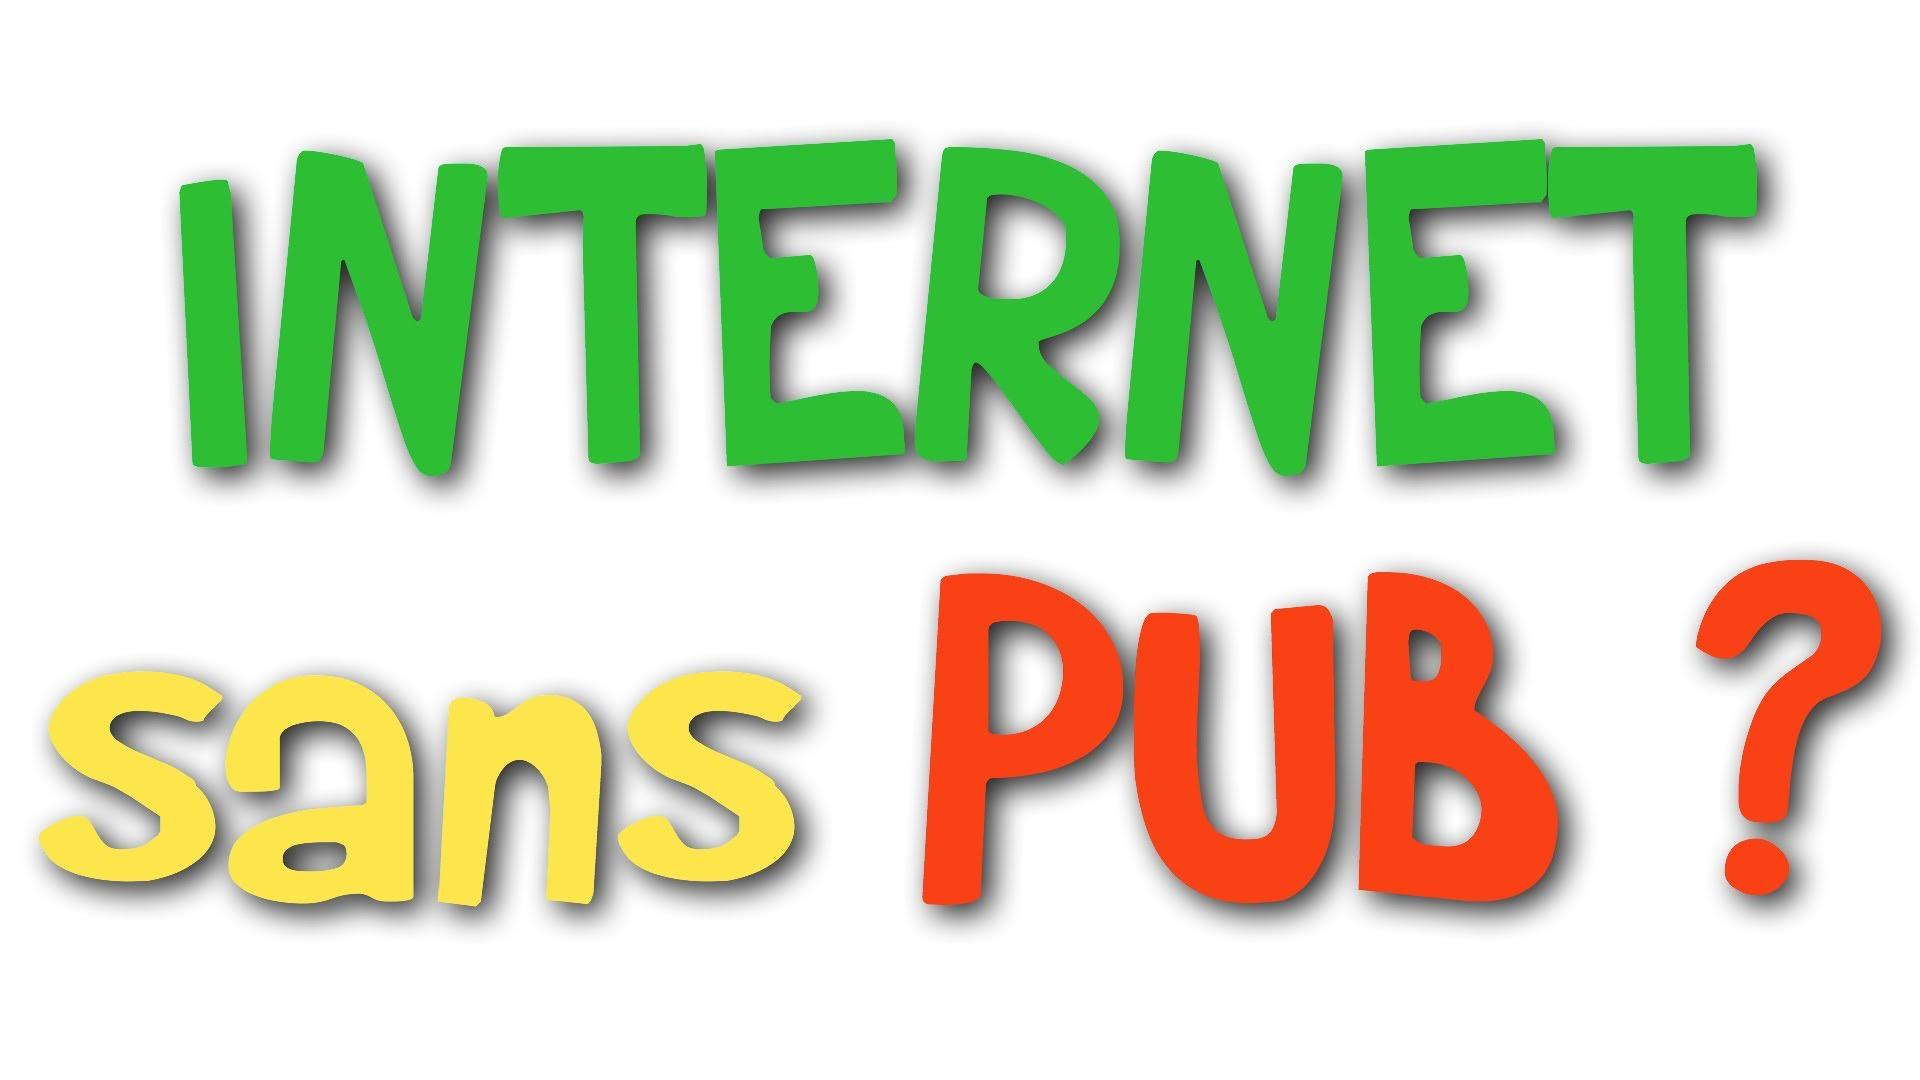 Comment faire pour se débarrasser des pubs sur internet